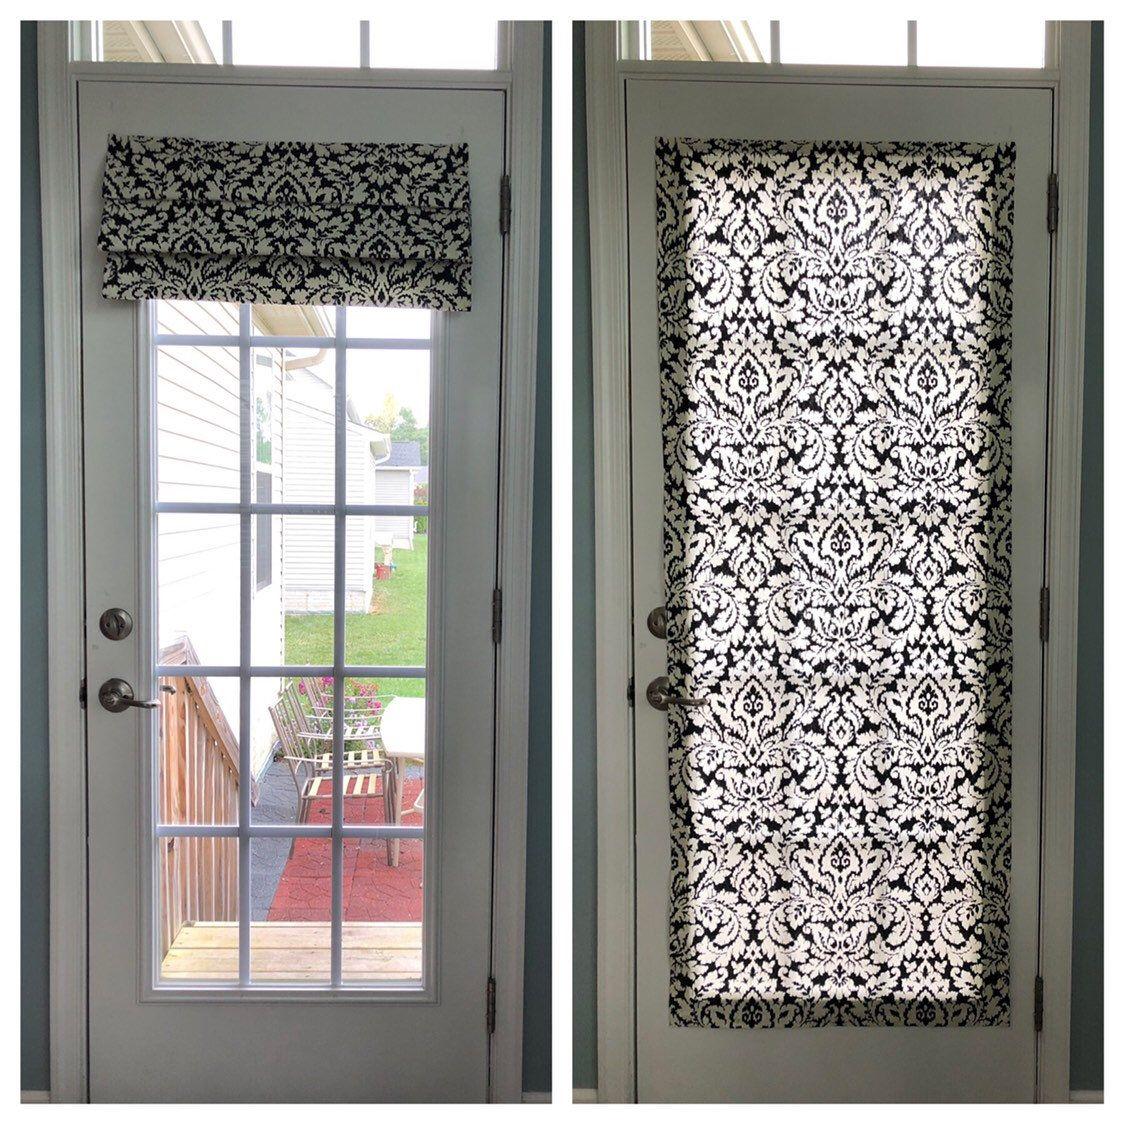 Improve Your House With Door Blinds Designalls In 2020 Patio Door Blinds French Door Window Treatments Blinds For French Doors